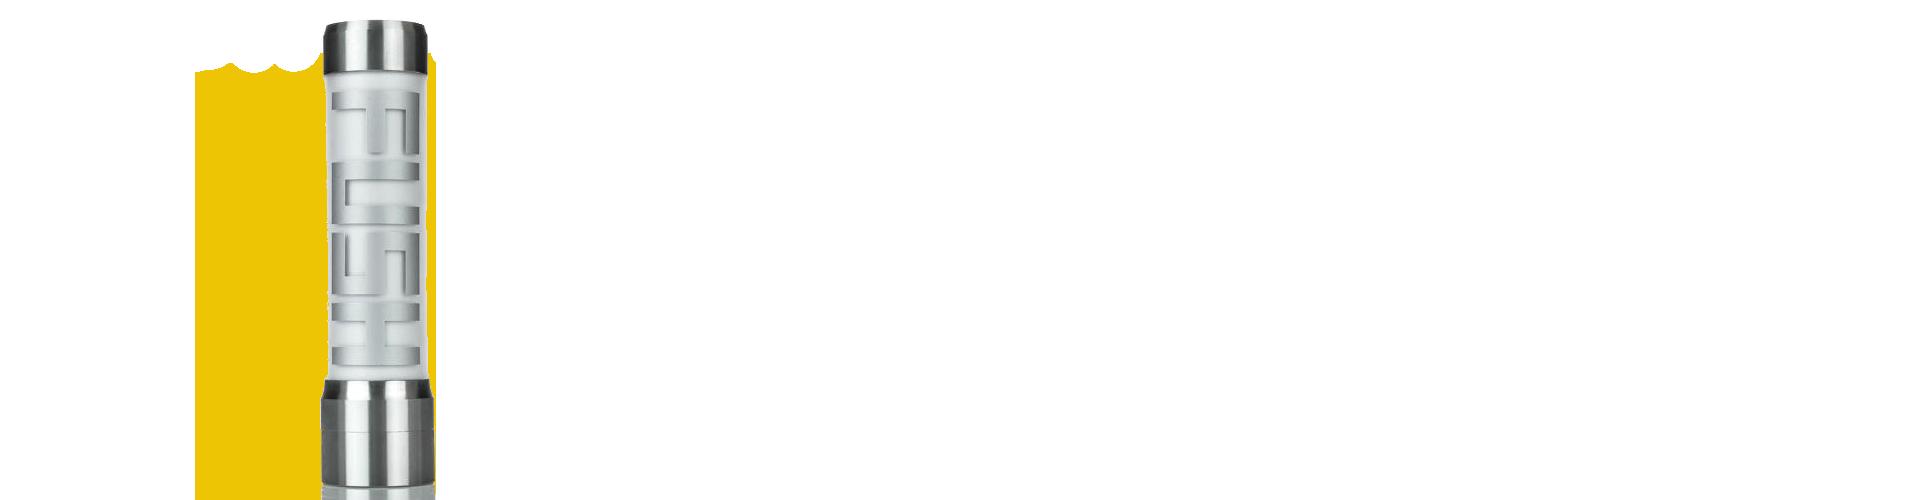 ACROHM <br>SEMI-MECH MOD